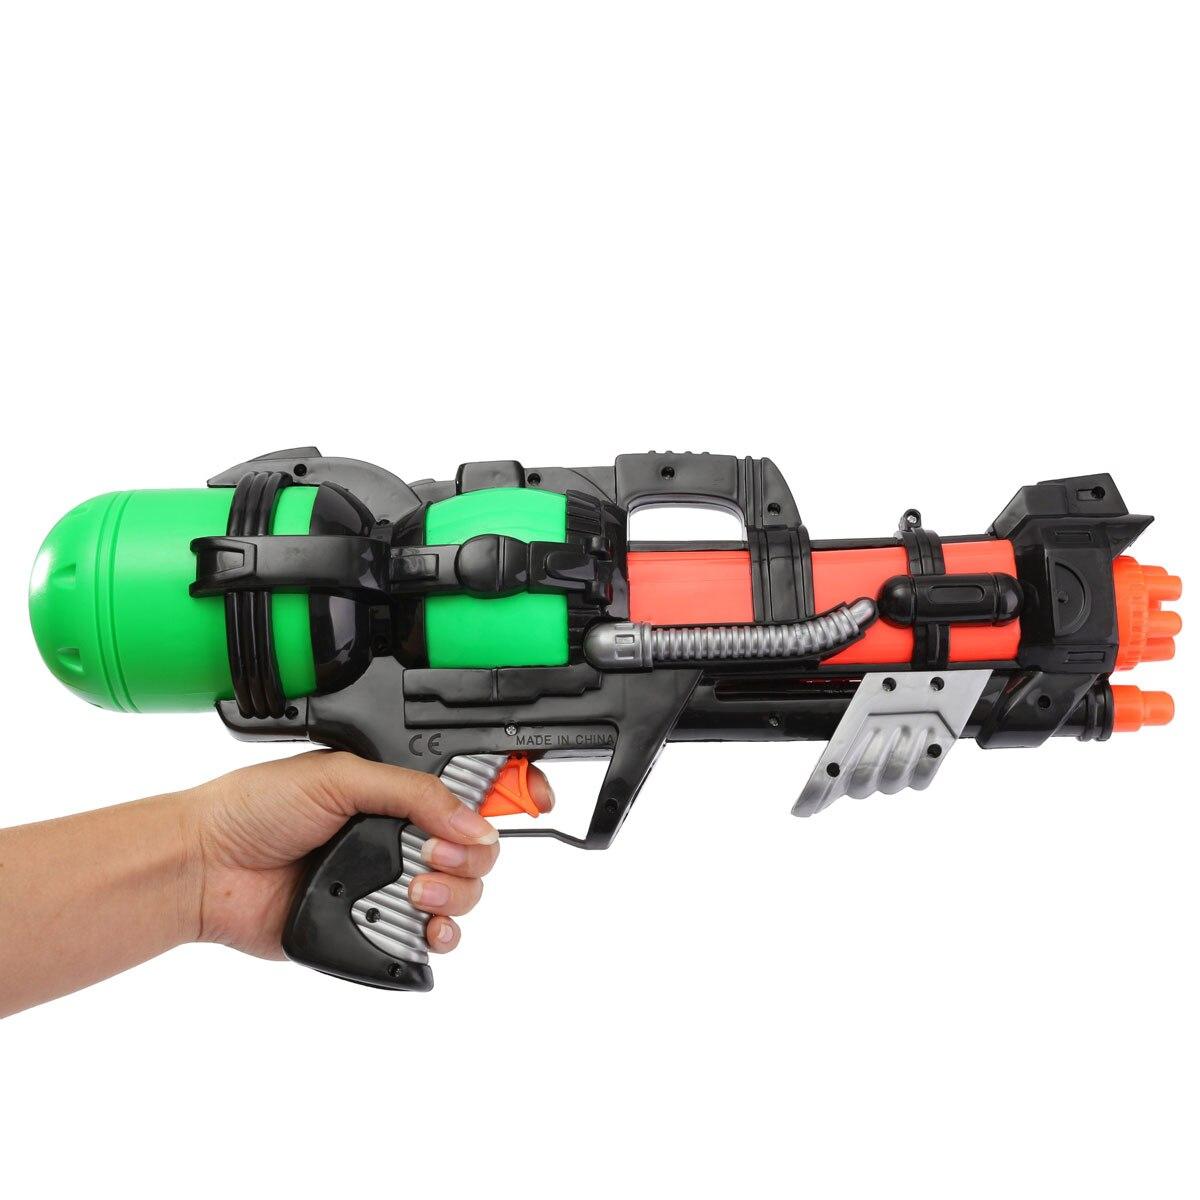 Compra pistola de agua de juguete online al por mayor de - Pistolas de agua a presion ...